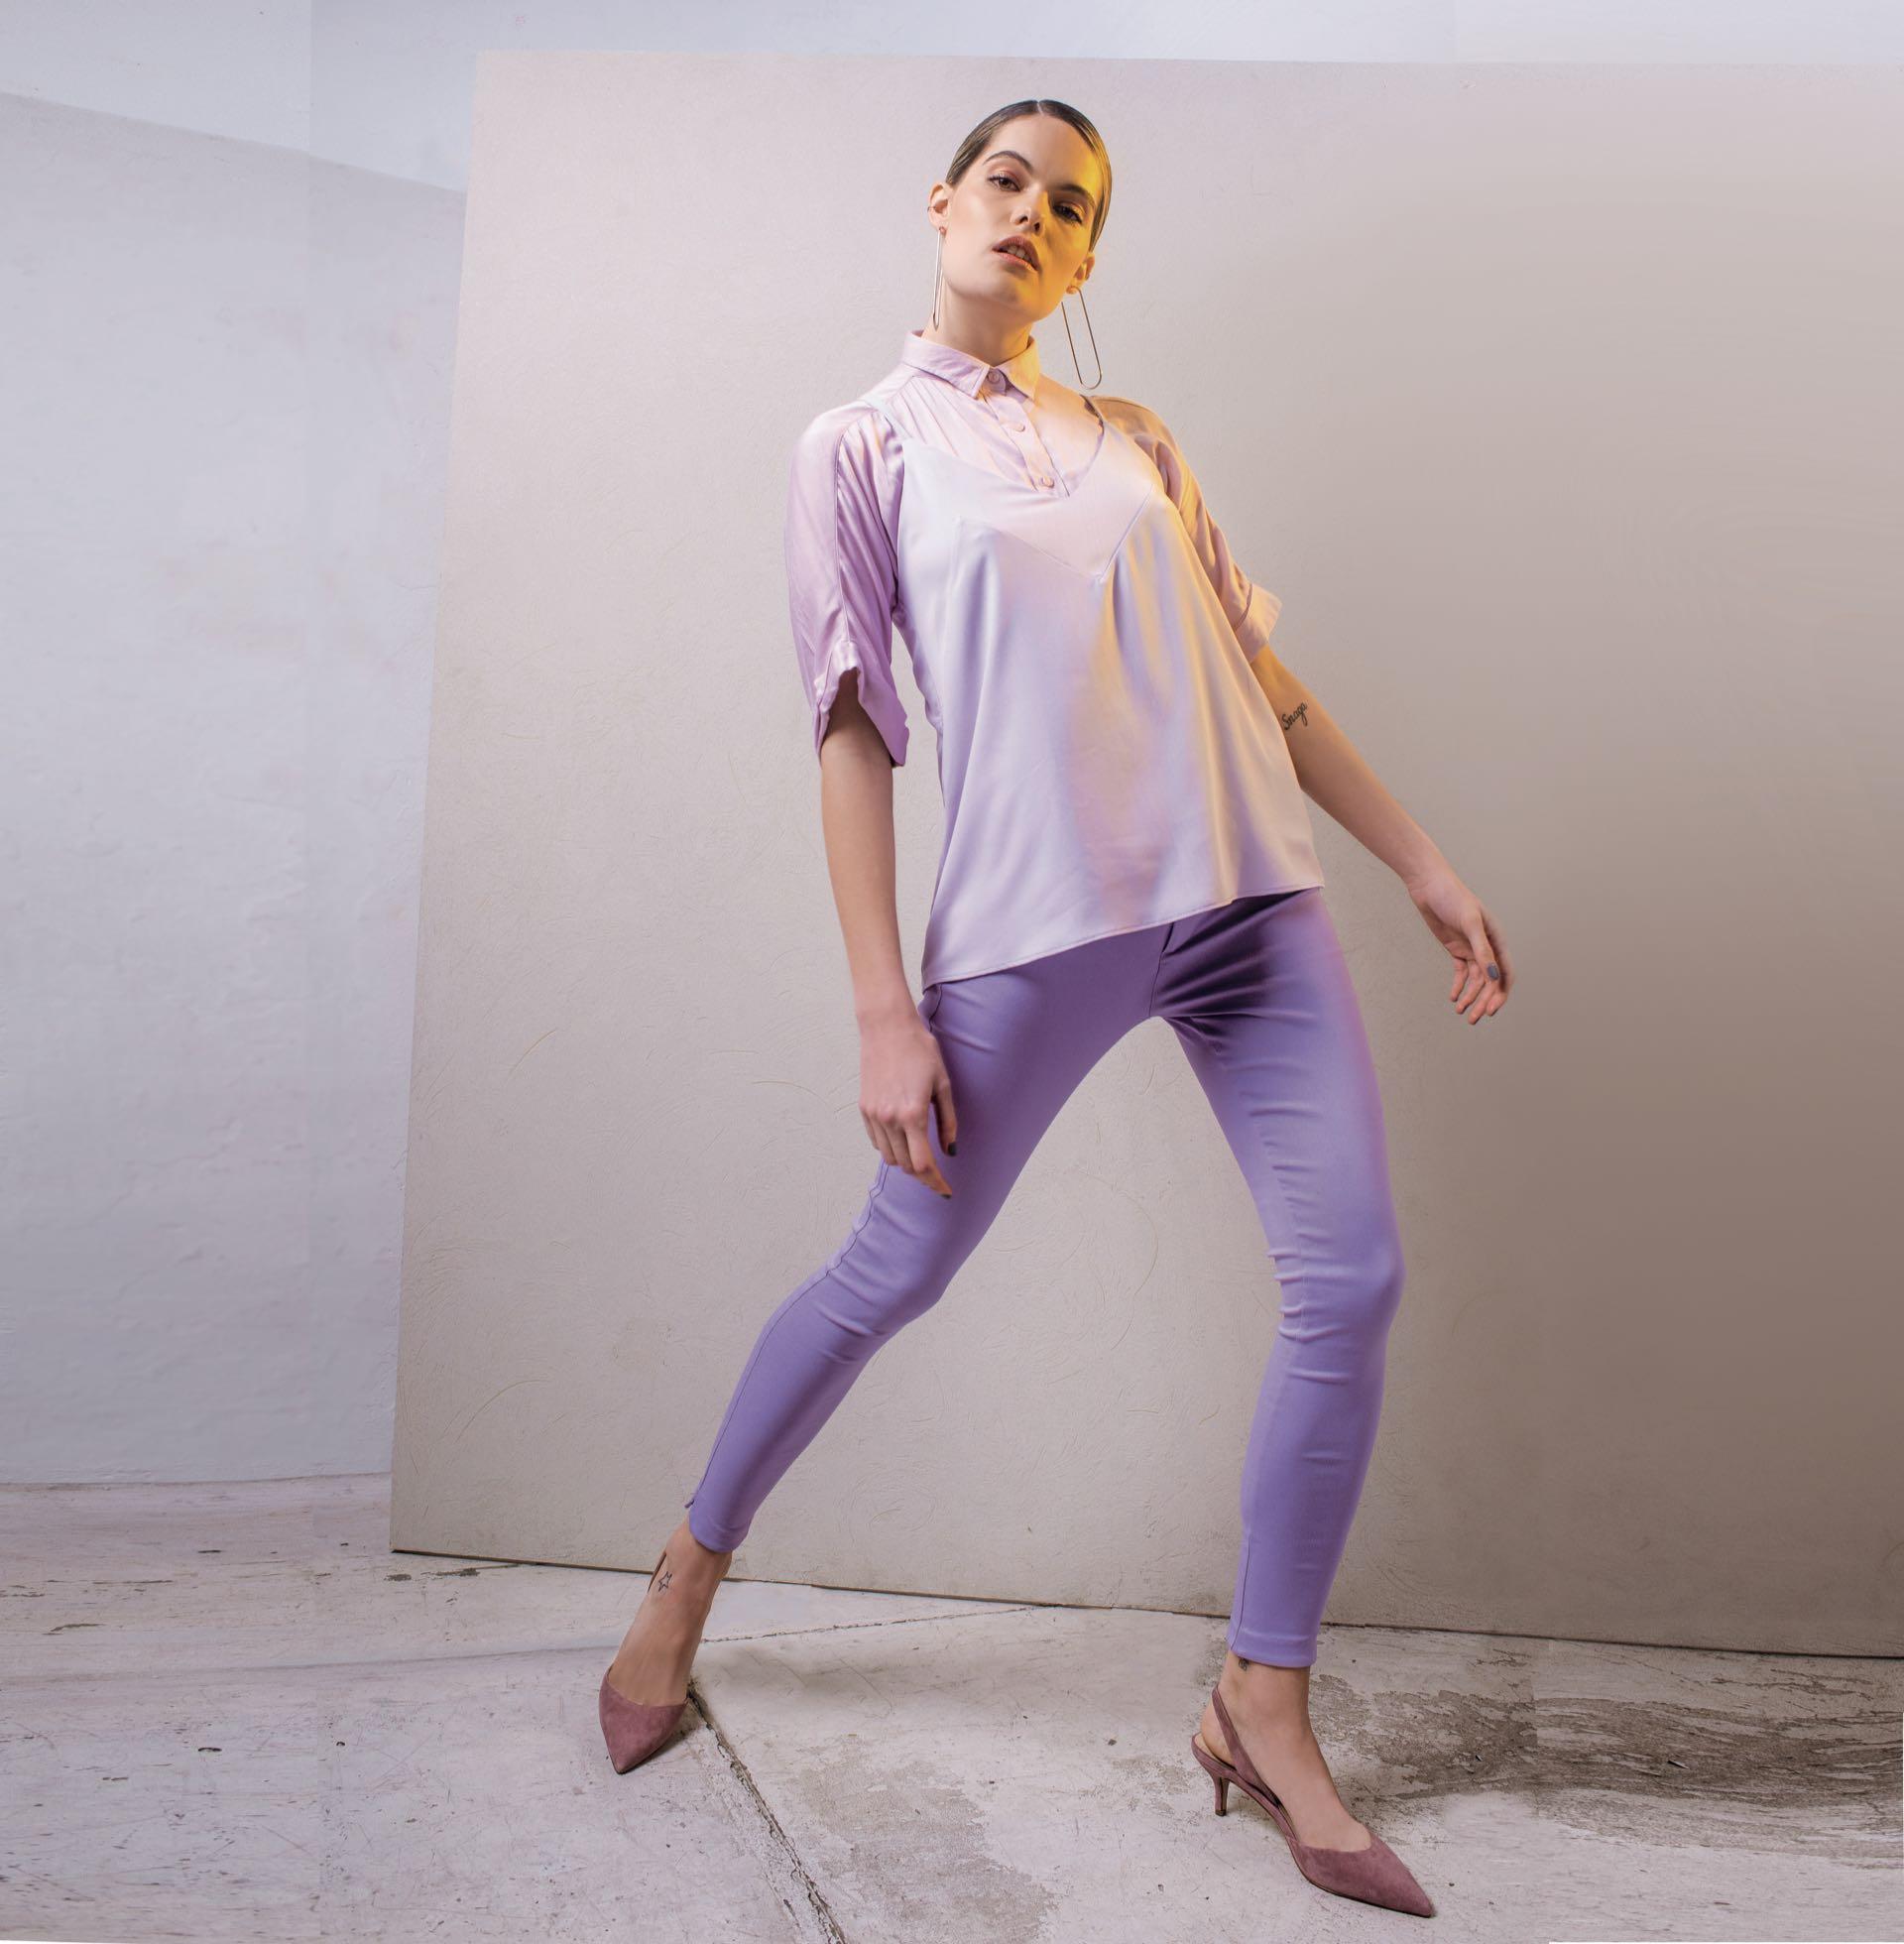 Top con detalle en el escote ($ 1.629, Melocotón), camisa de algodón ($ 790, Kevingston), pantalón sastrero ($ 1.595, Koxis), stilettos de gamuza ($ 2.900, Aldo para Grimoldi) y aros largos ($ 1.890, Las Juanas Night). (Foto: Maia Croizet/ Para Ti)